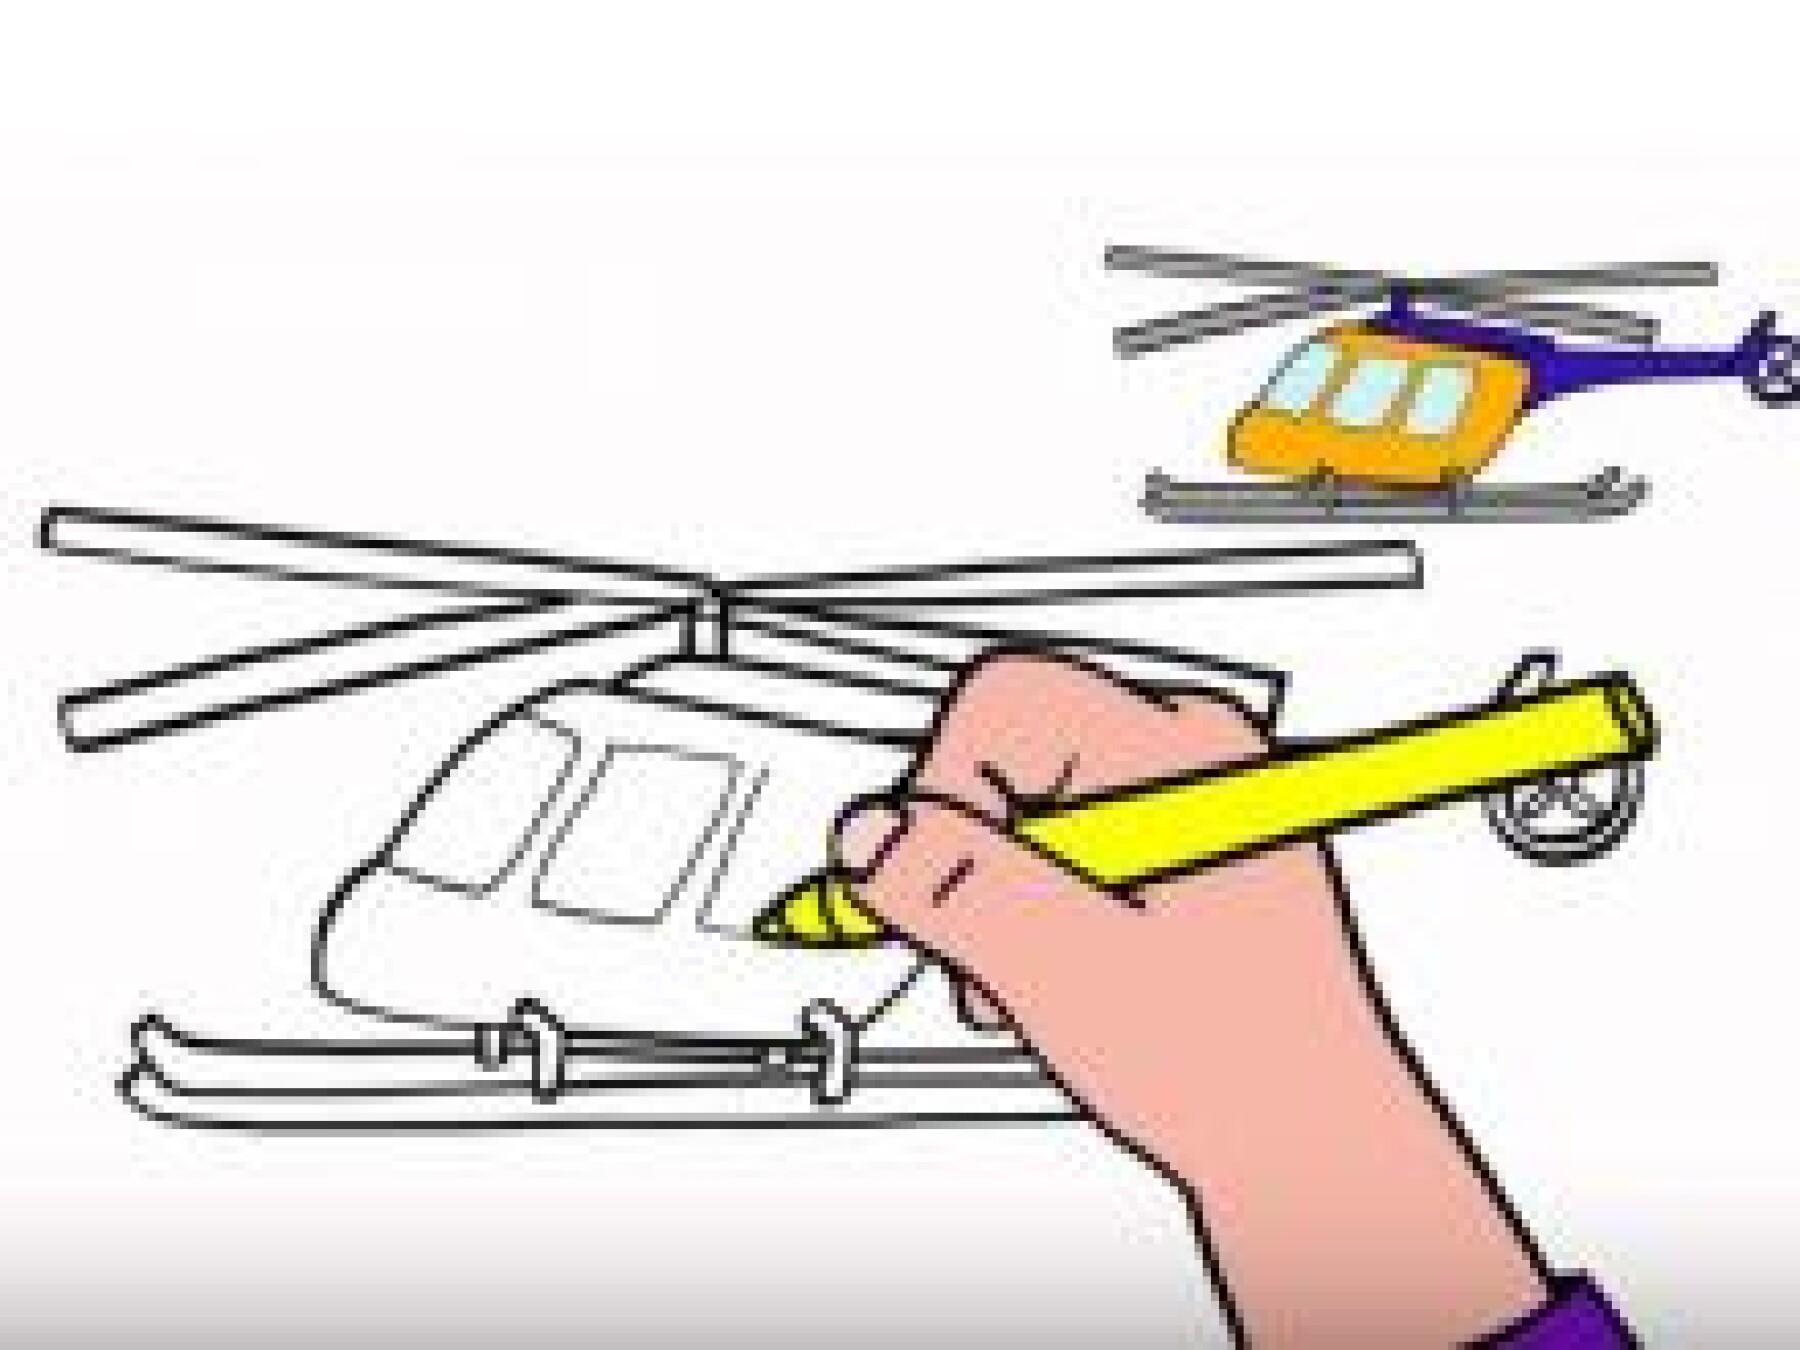 Dessiner un hélicoptère